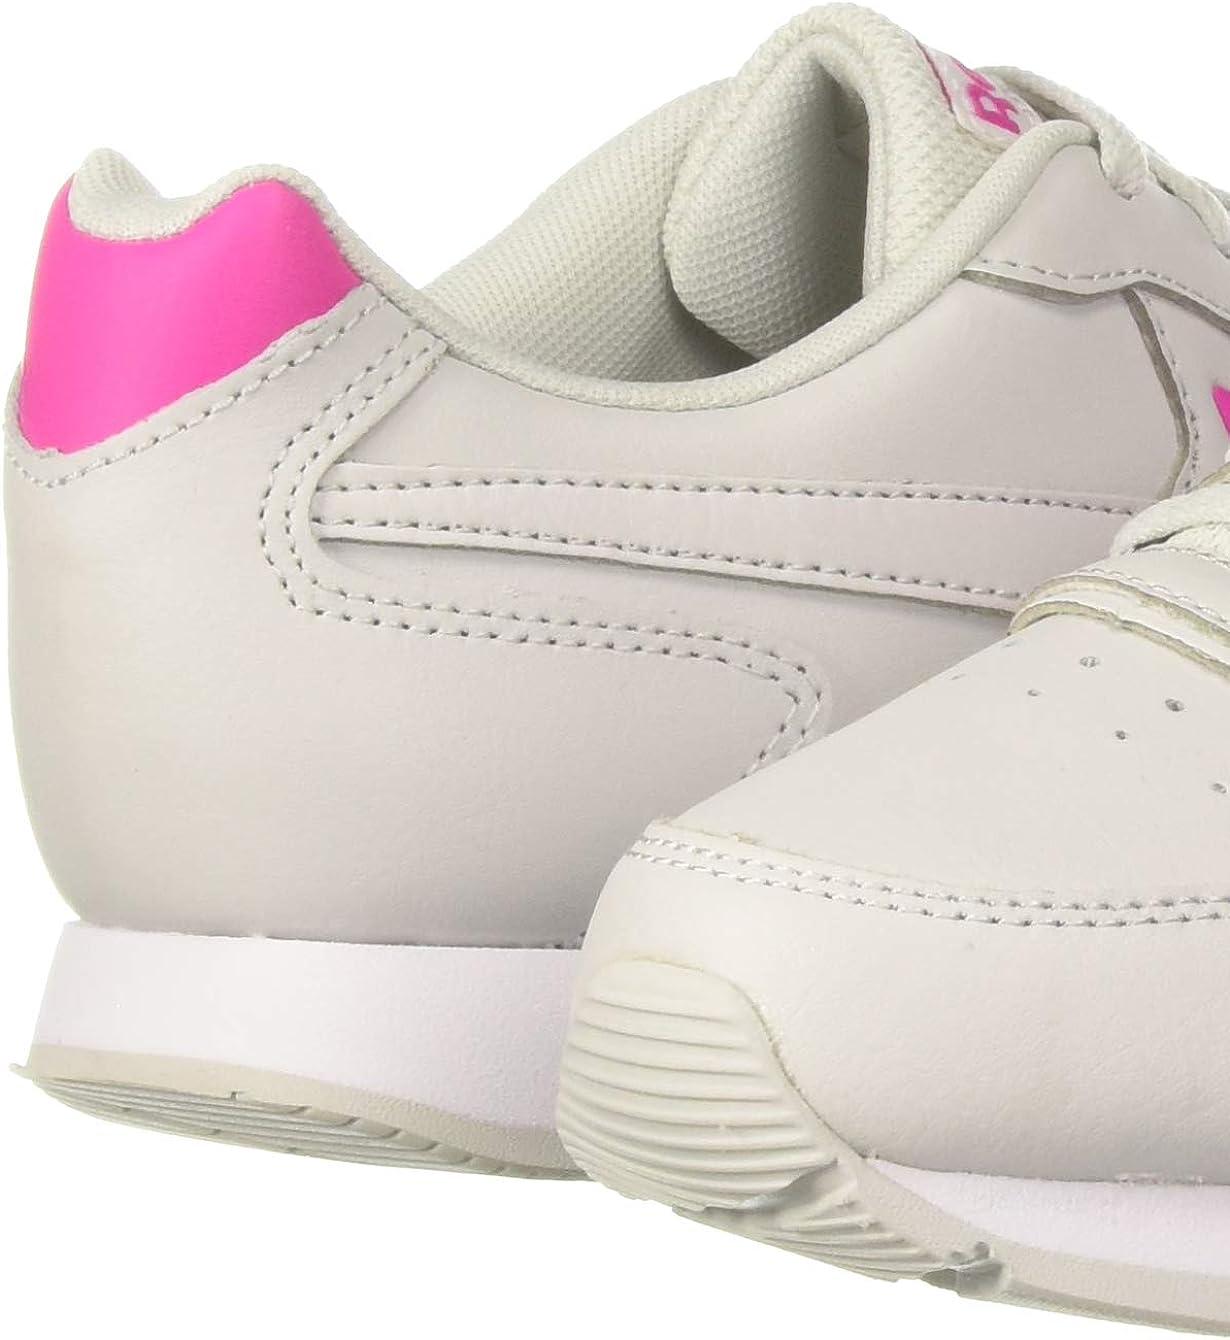 Reebok Royal Glide, Zapatillas de Running para Mujer Porcel Proudp Blanco fh56f